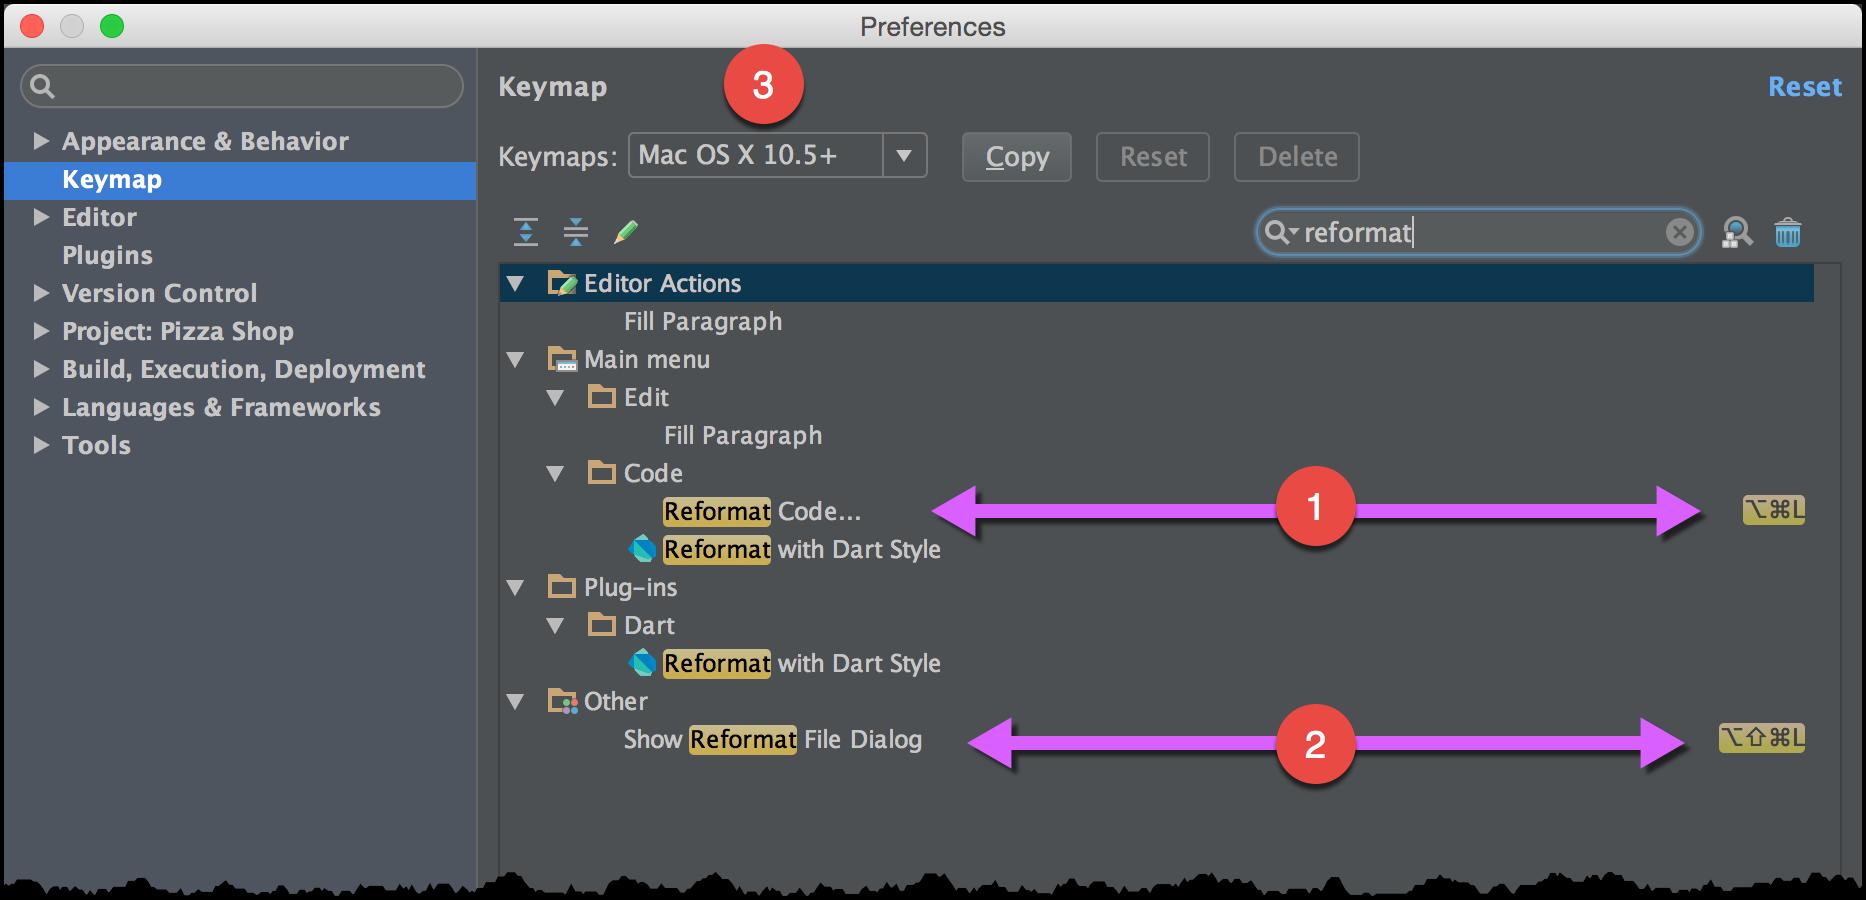 keymap_reformat.png